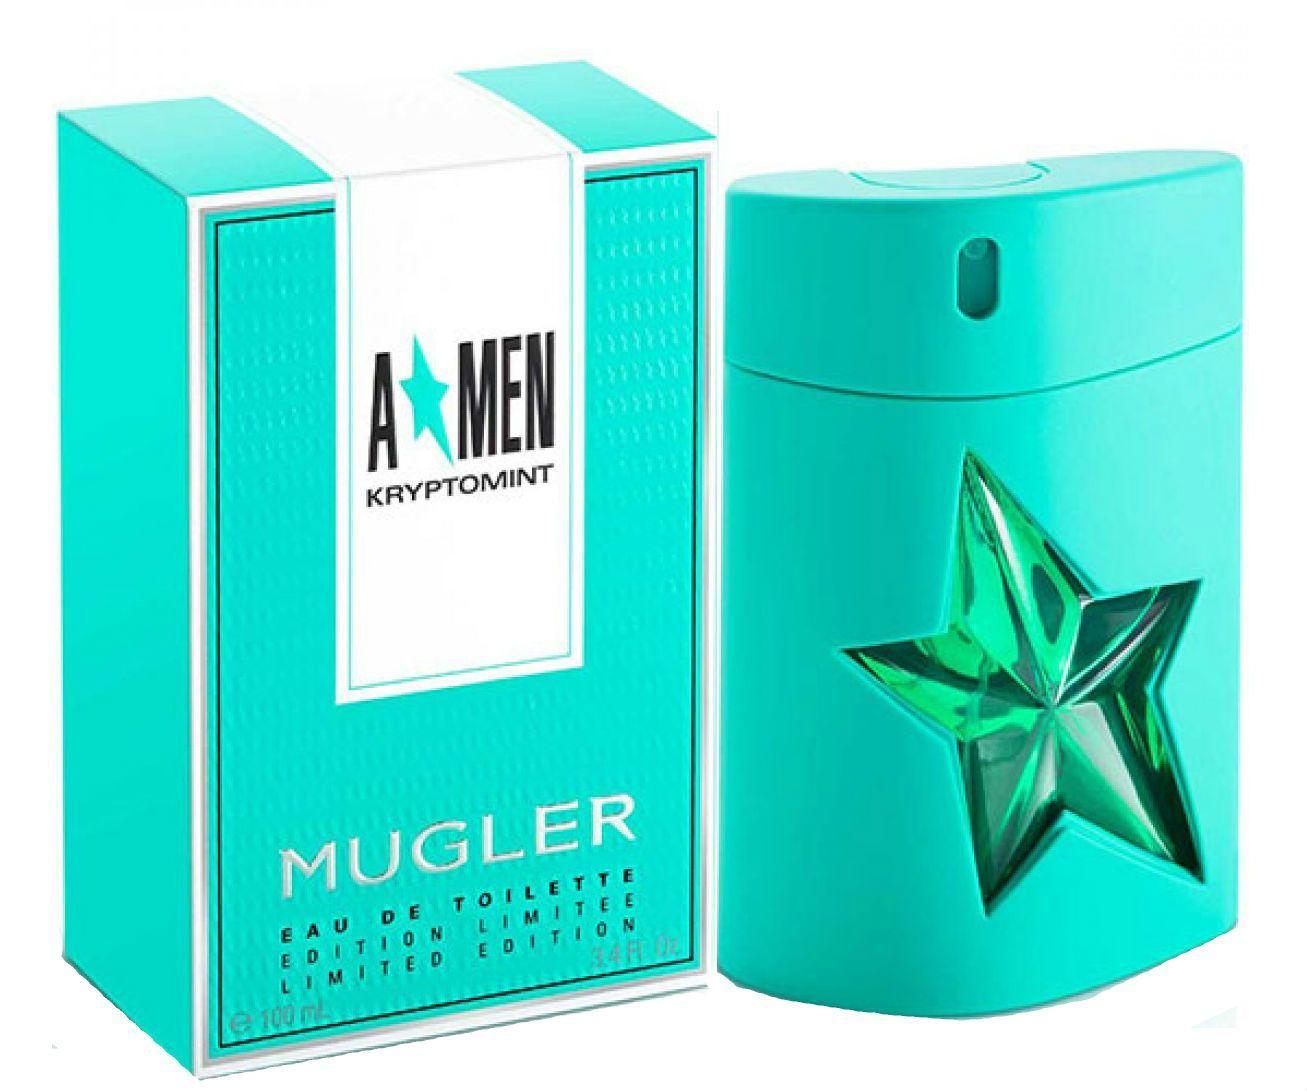 A Men Kryptomint Angel Thierry Mugler Eau De Toilette Spray 3 4